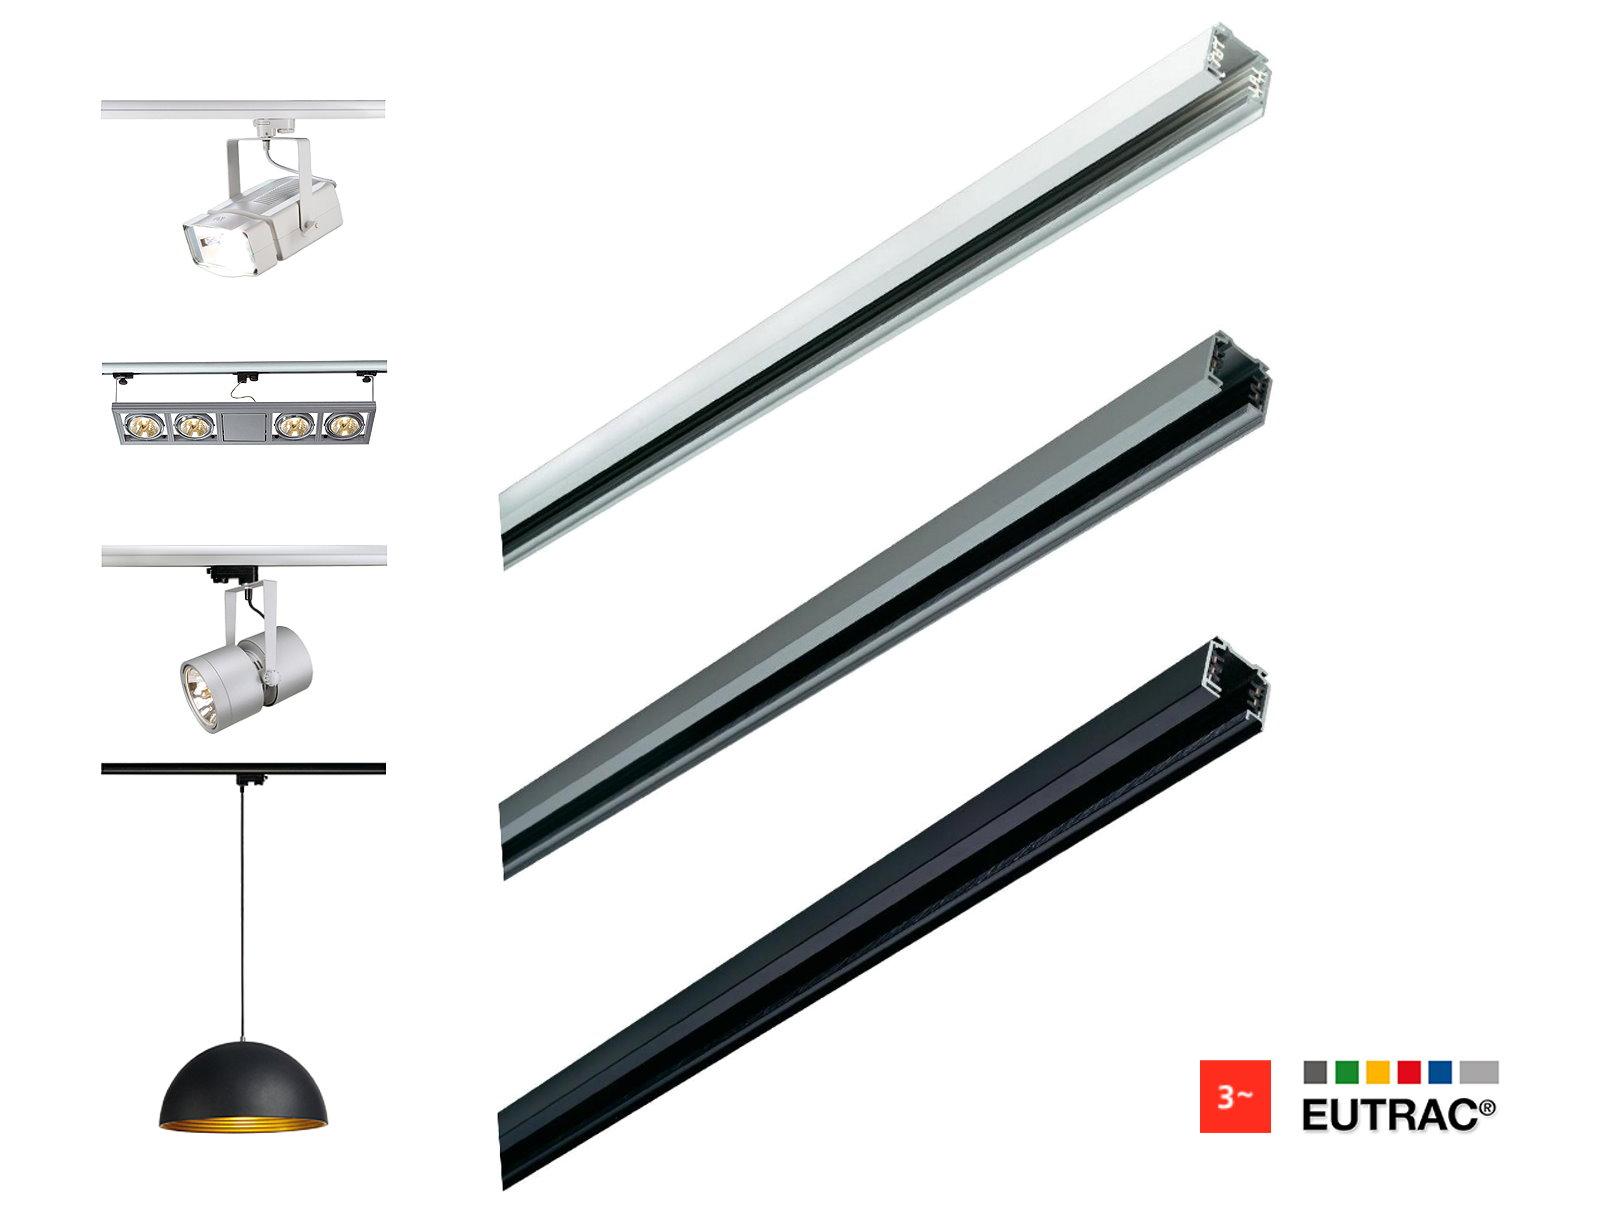 zubeh r eutrac 3 phasen einbauschiene stromschiene licht leiste profil schiene. Black Bedroom Furniture Sets. Home Design Ideas